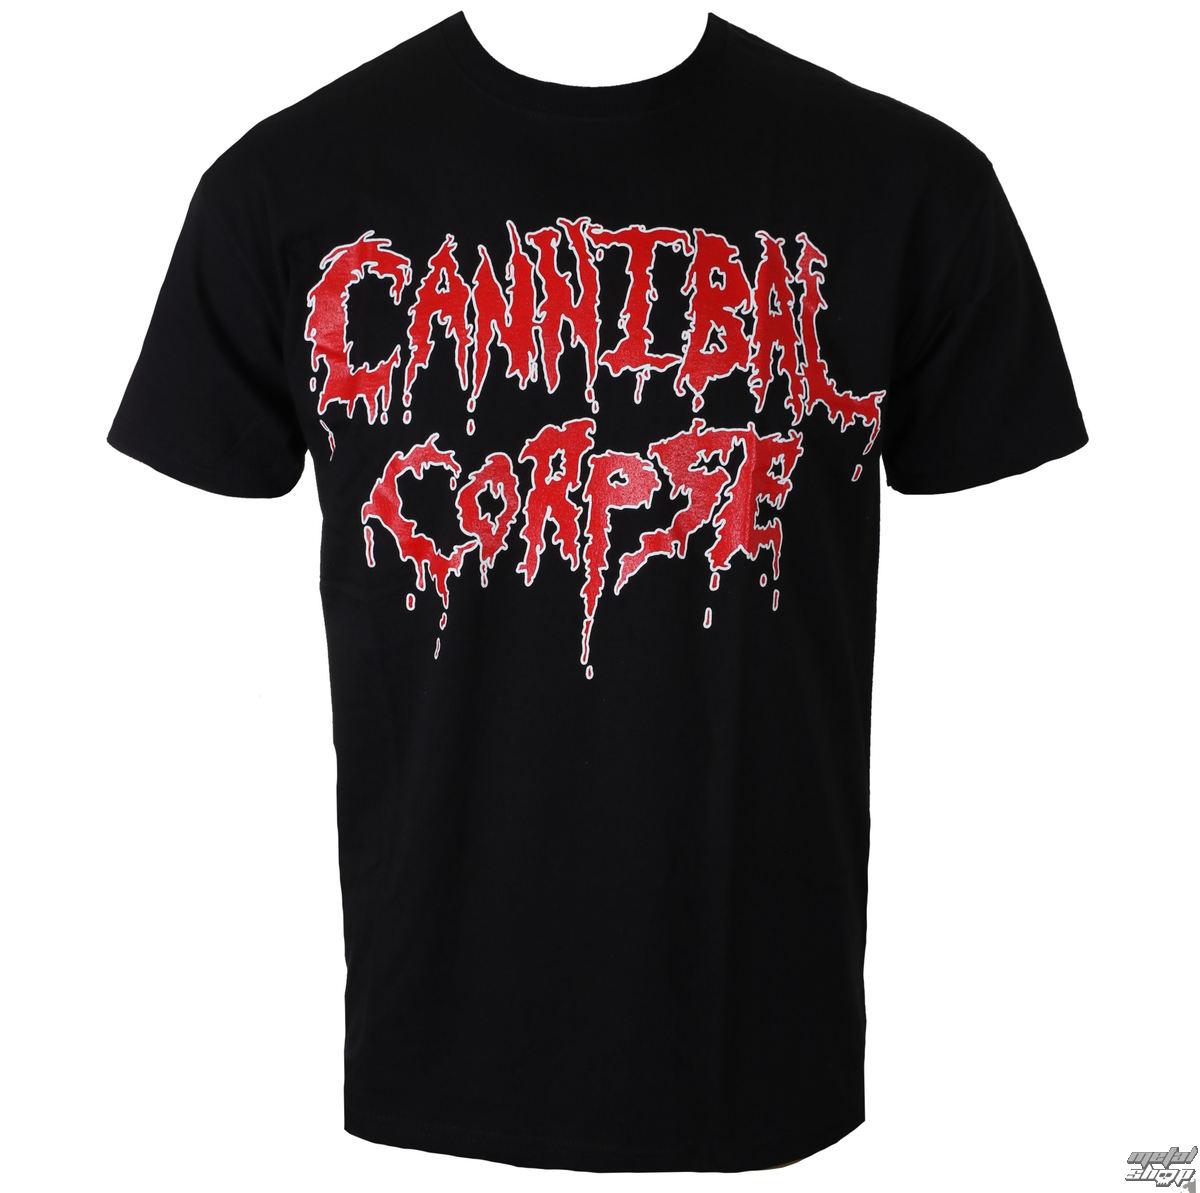 triďż˝ko pďż˝nskďż˝ CANNIBAL CORPSE - Logo - NUCLEAR BLAST - 25717_TS